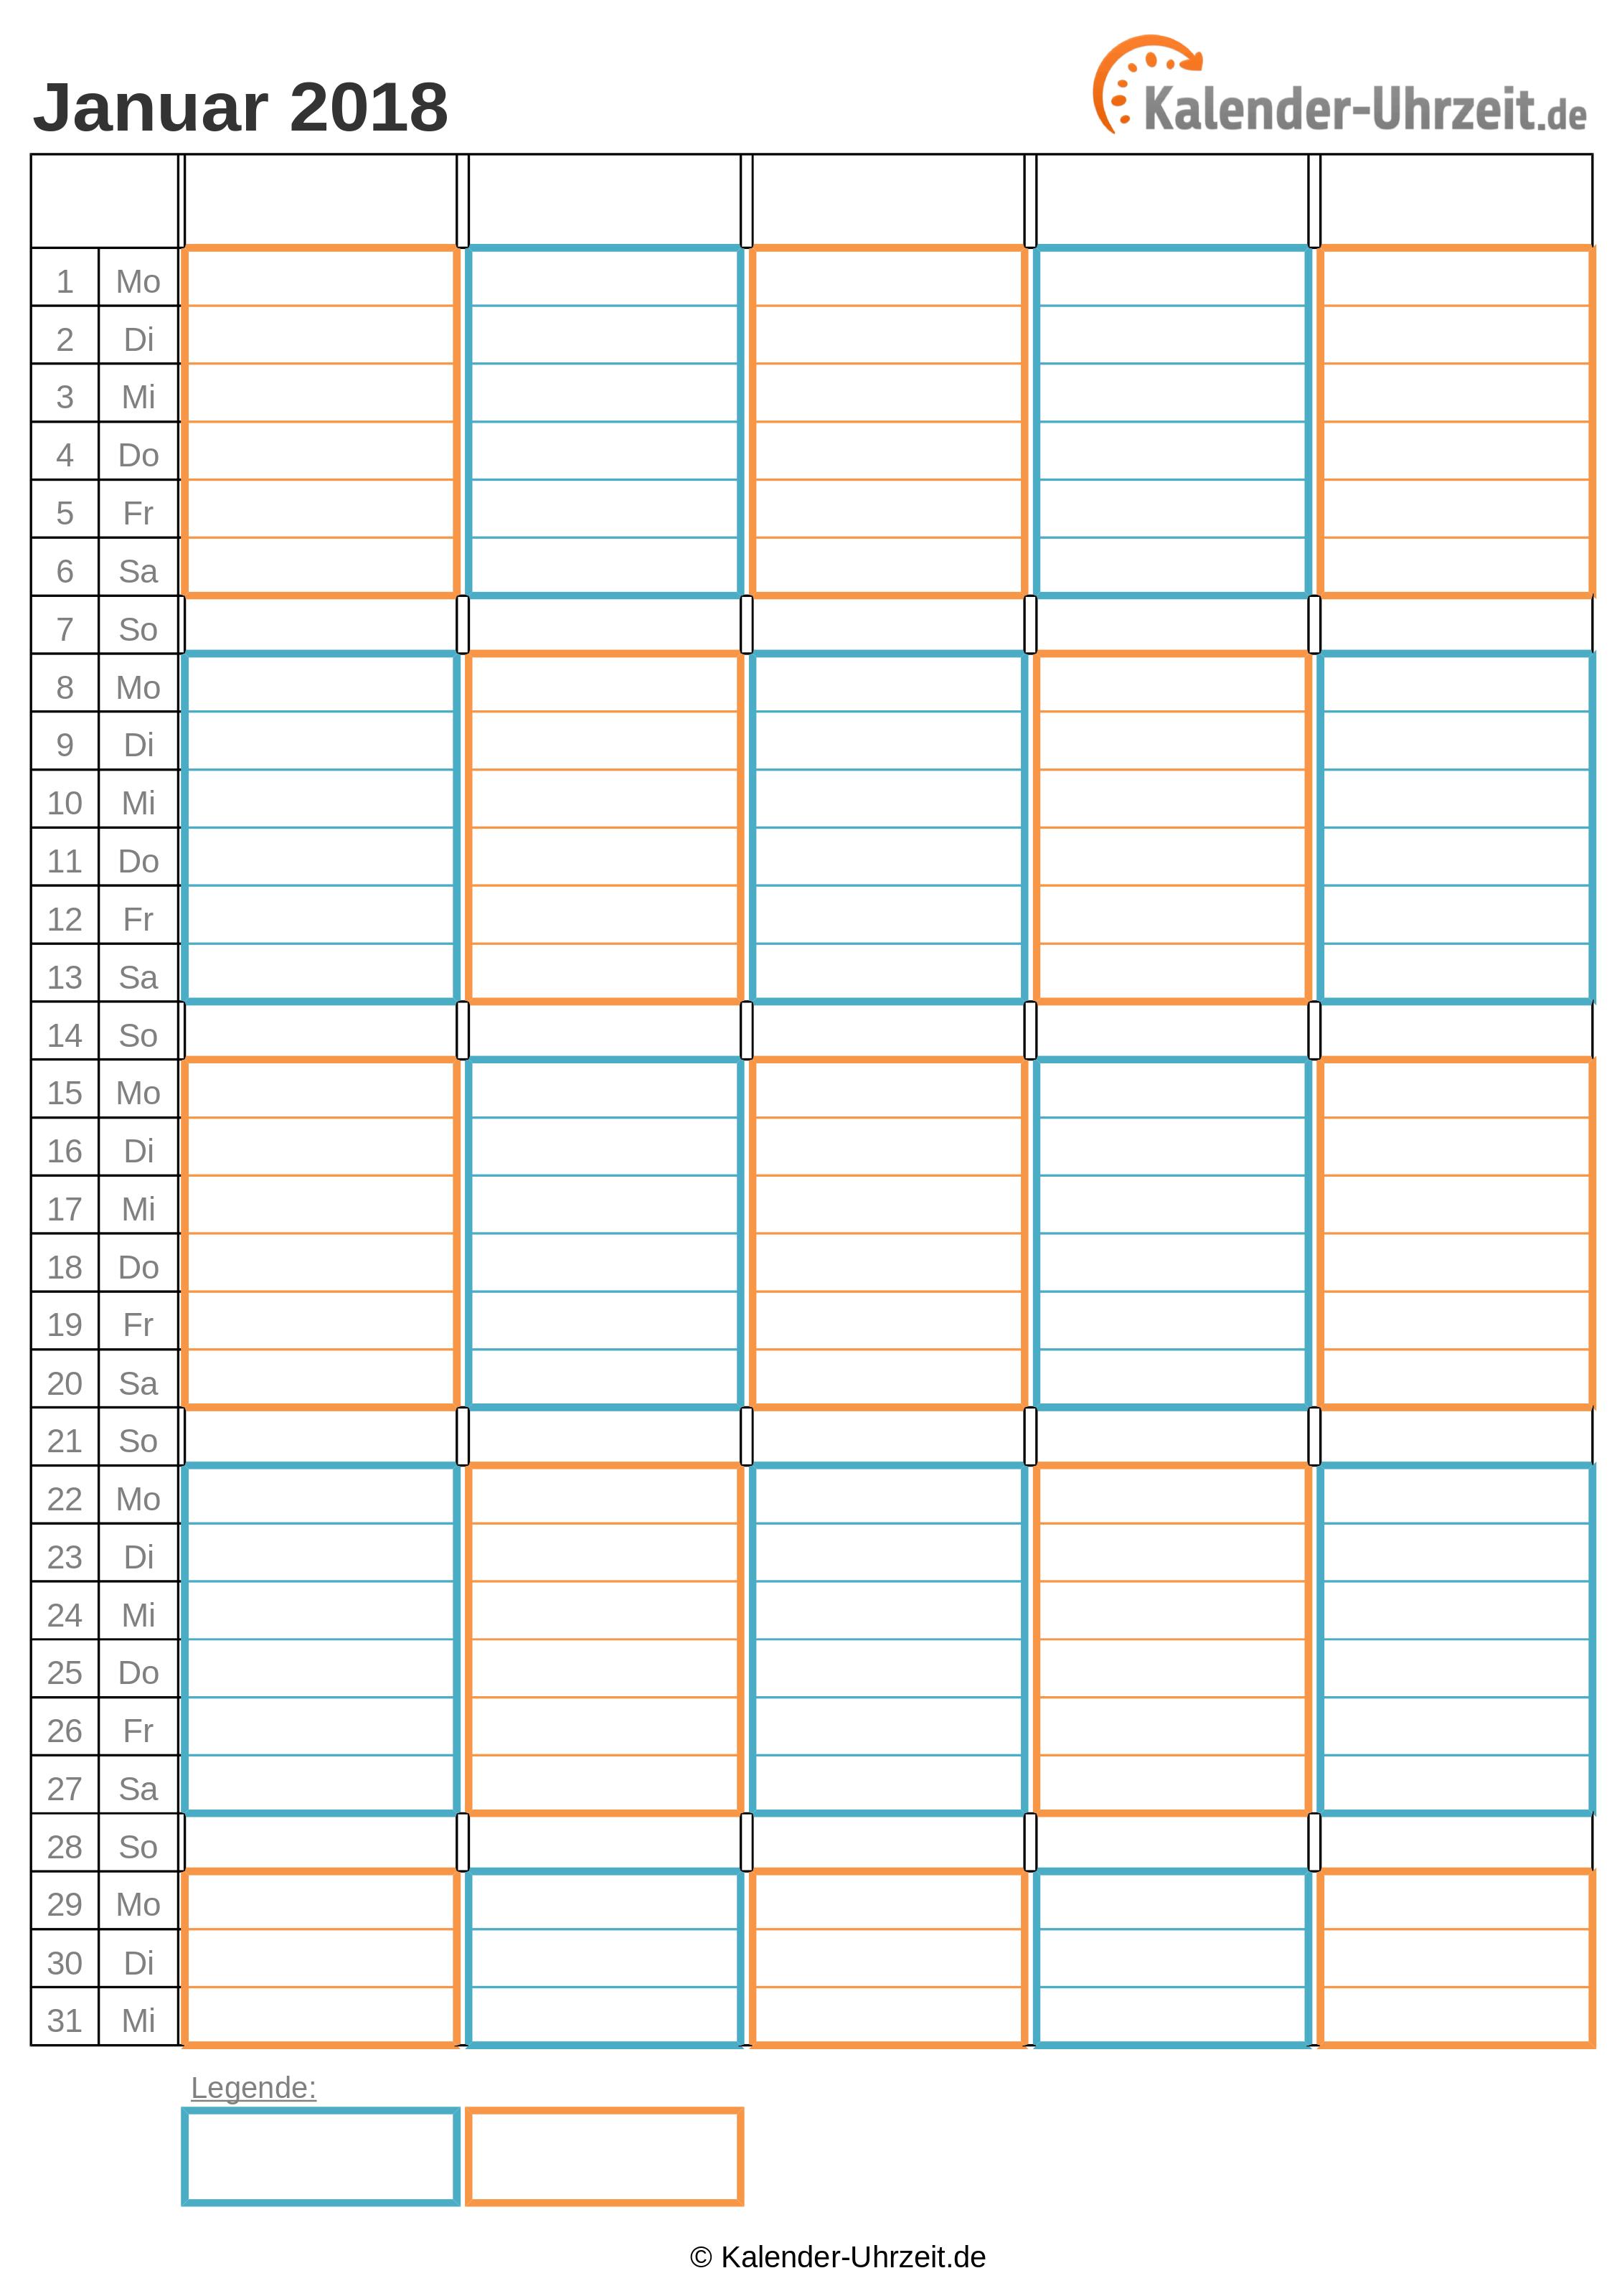 WG-Kalender 2018 zwei Personen Vorschau